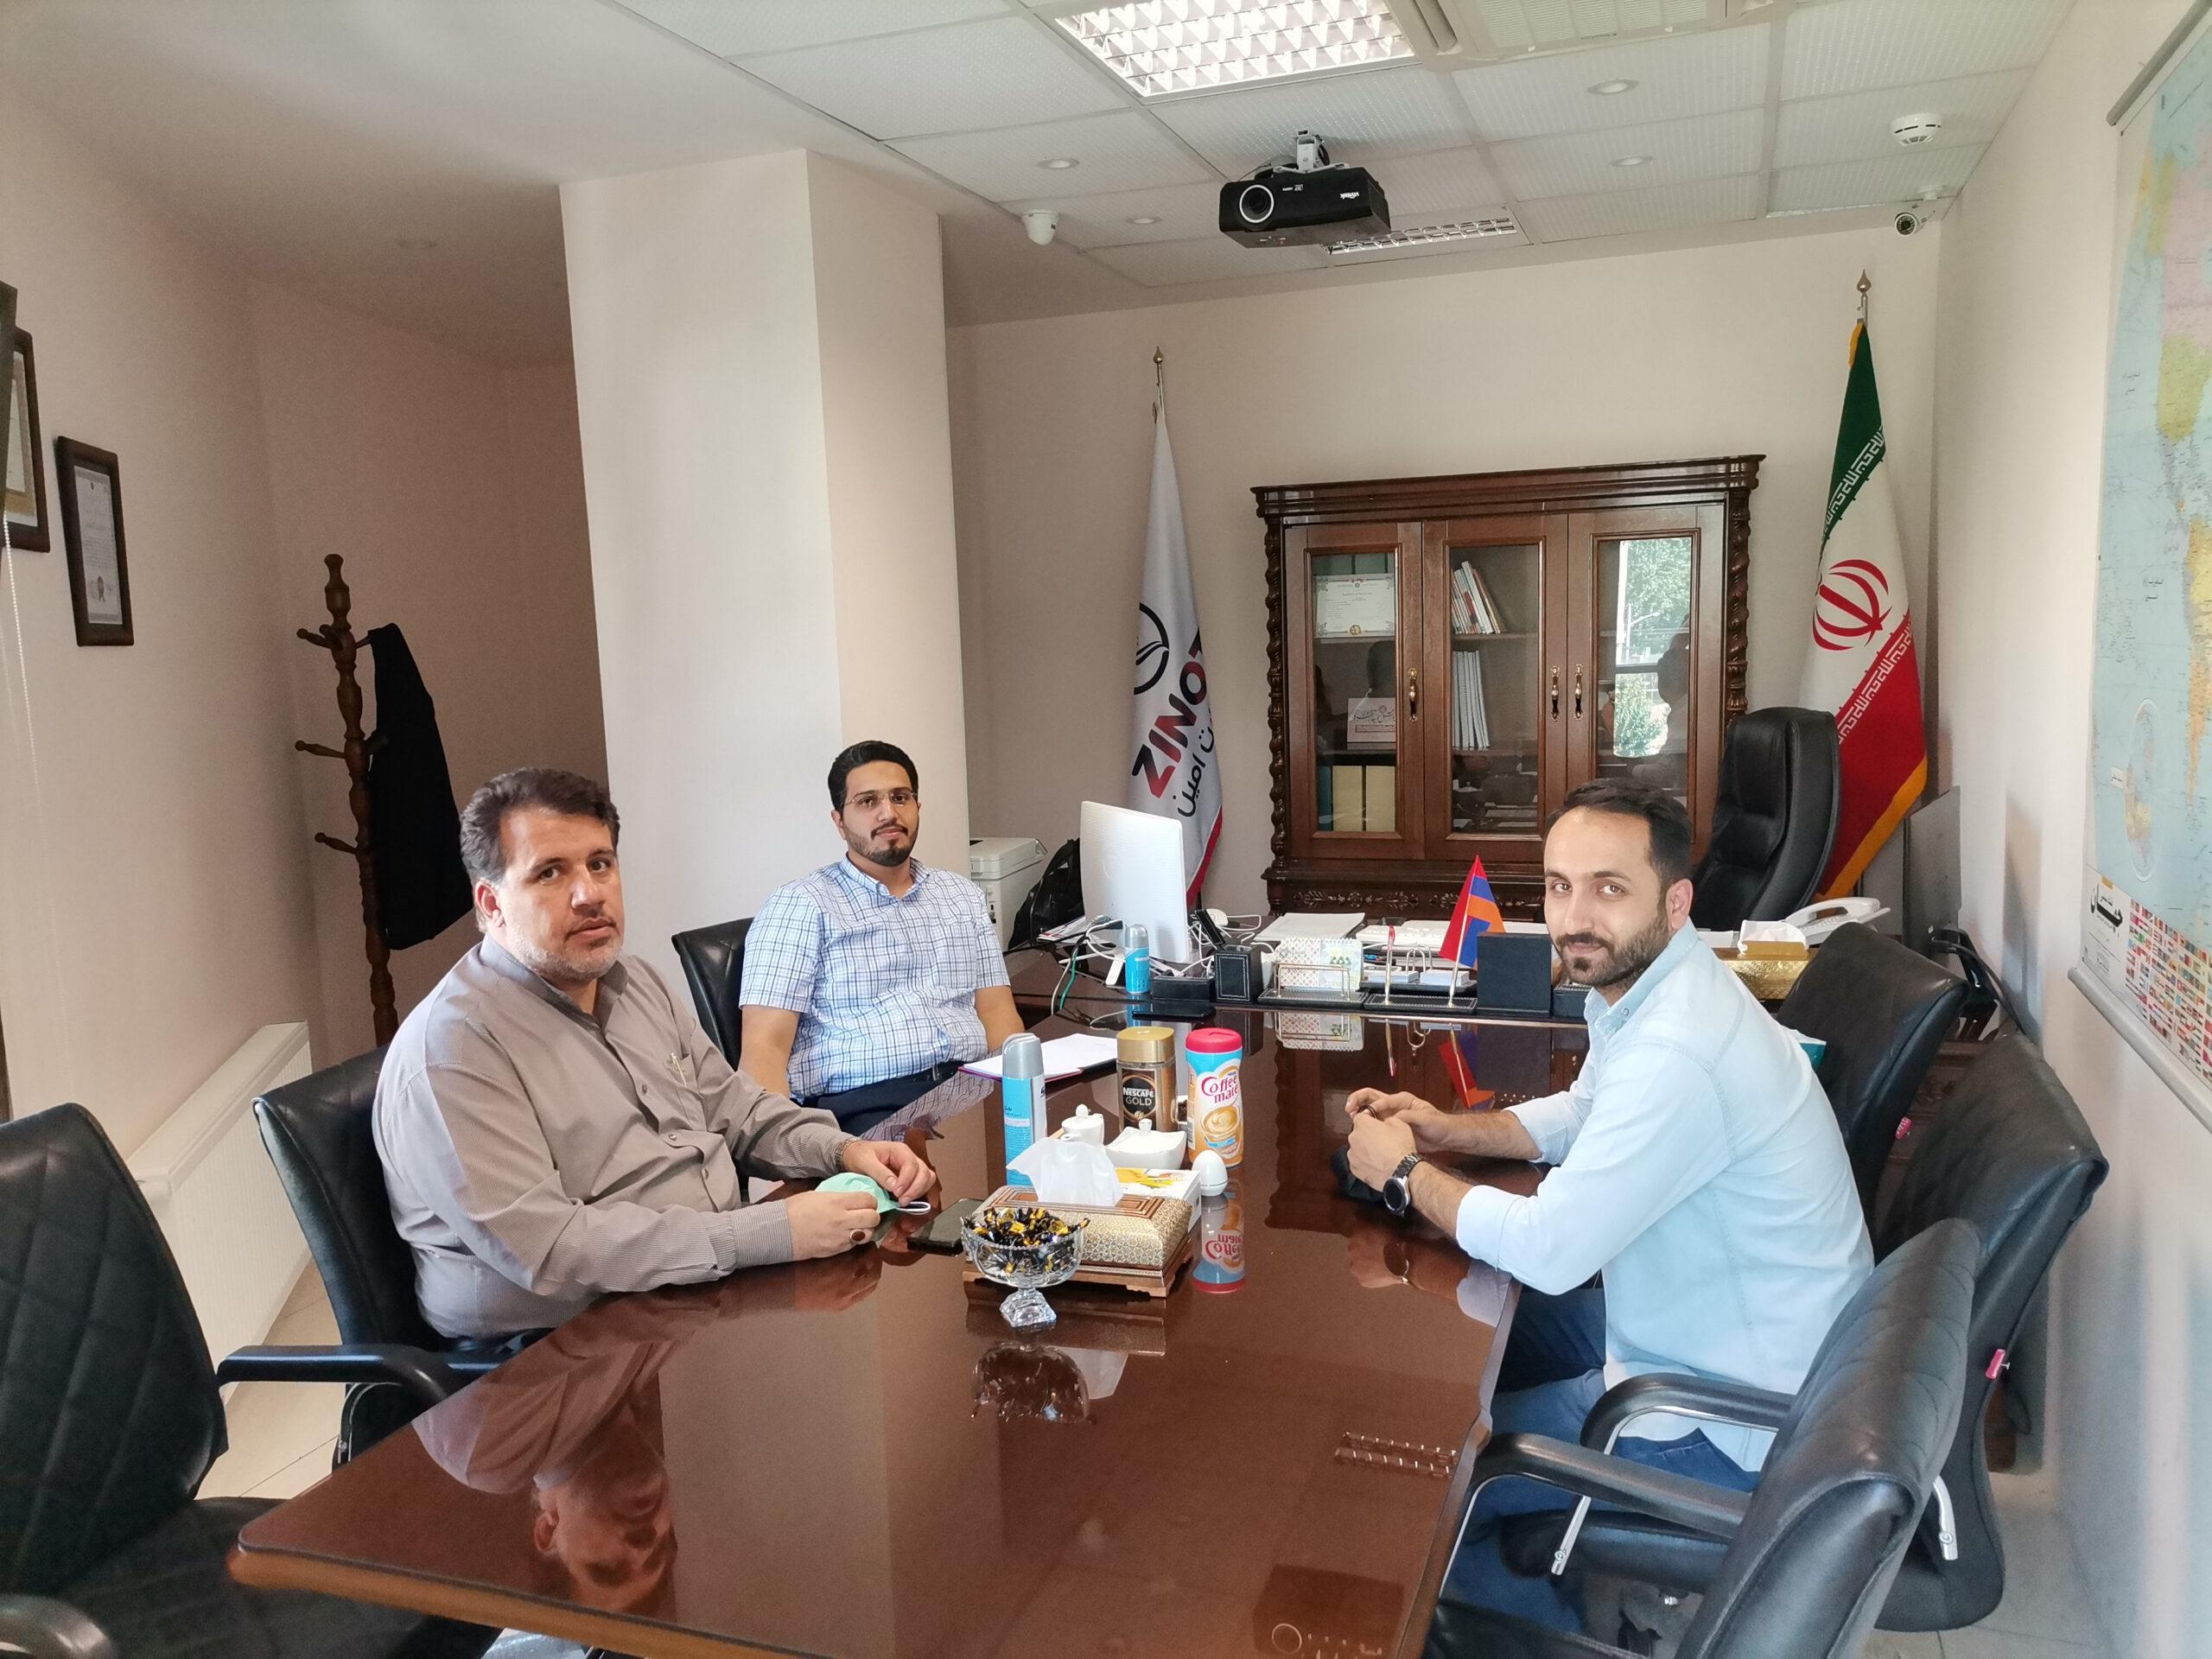 نشست هیئت مدیره زینو تجارت با آقای احمدی مدیرعامل مجموعه تولیدی بازیران